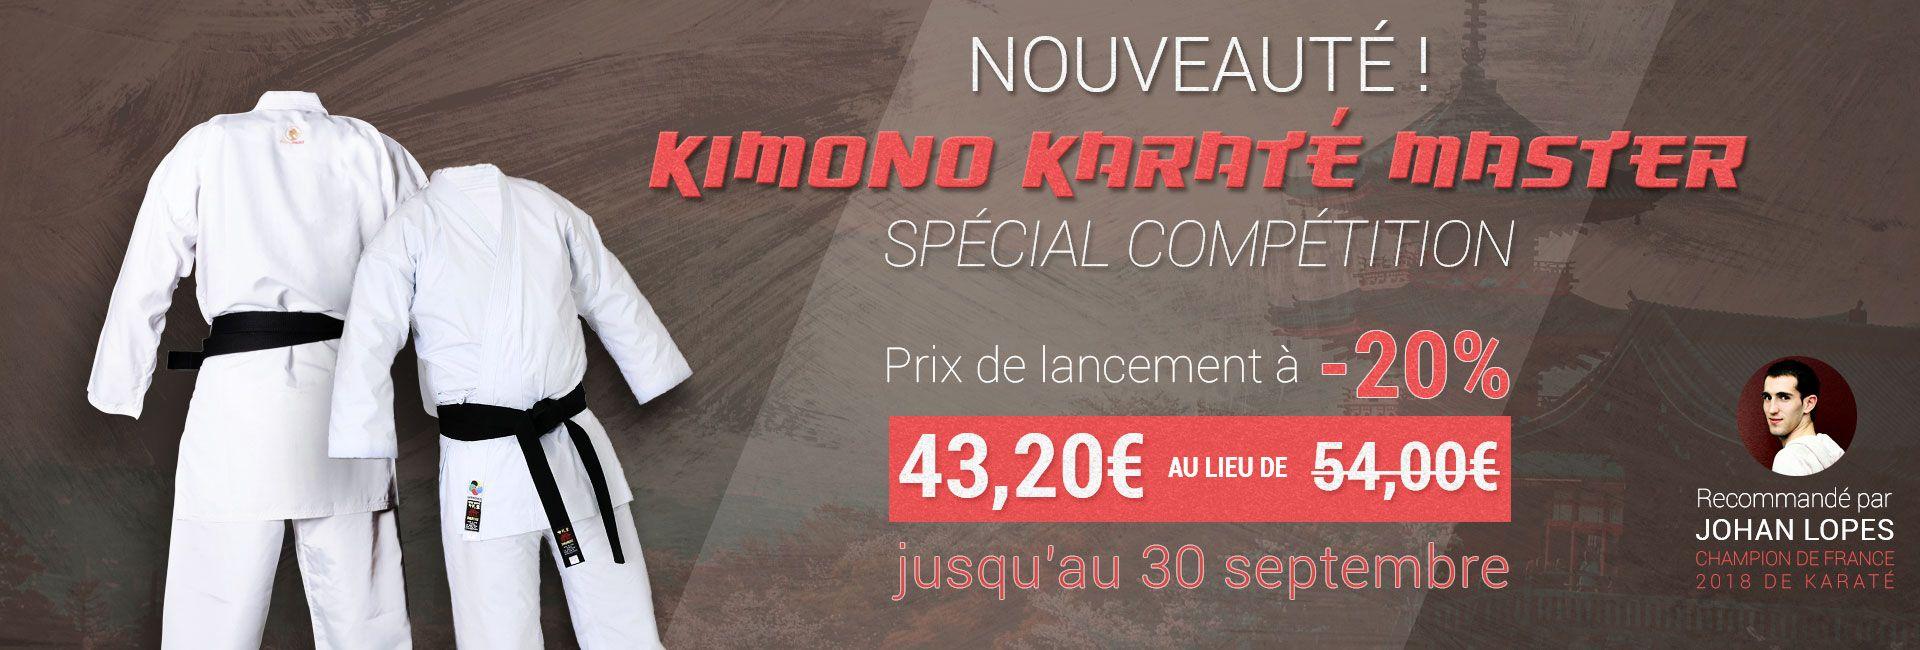 -20% sur le Kimono Karaté Master !